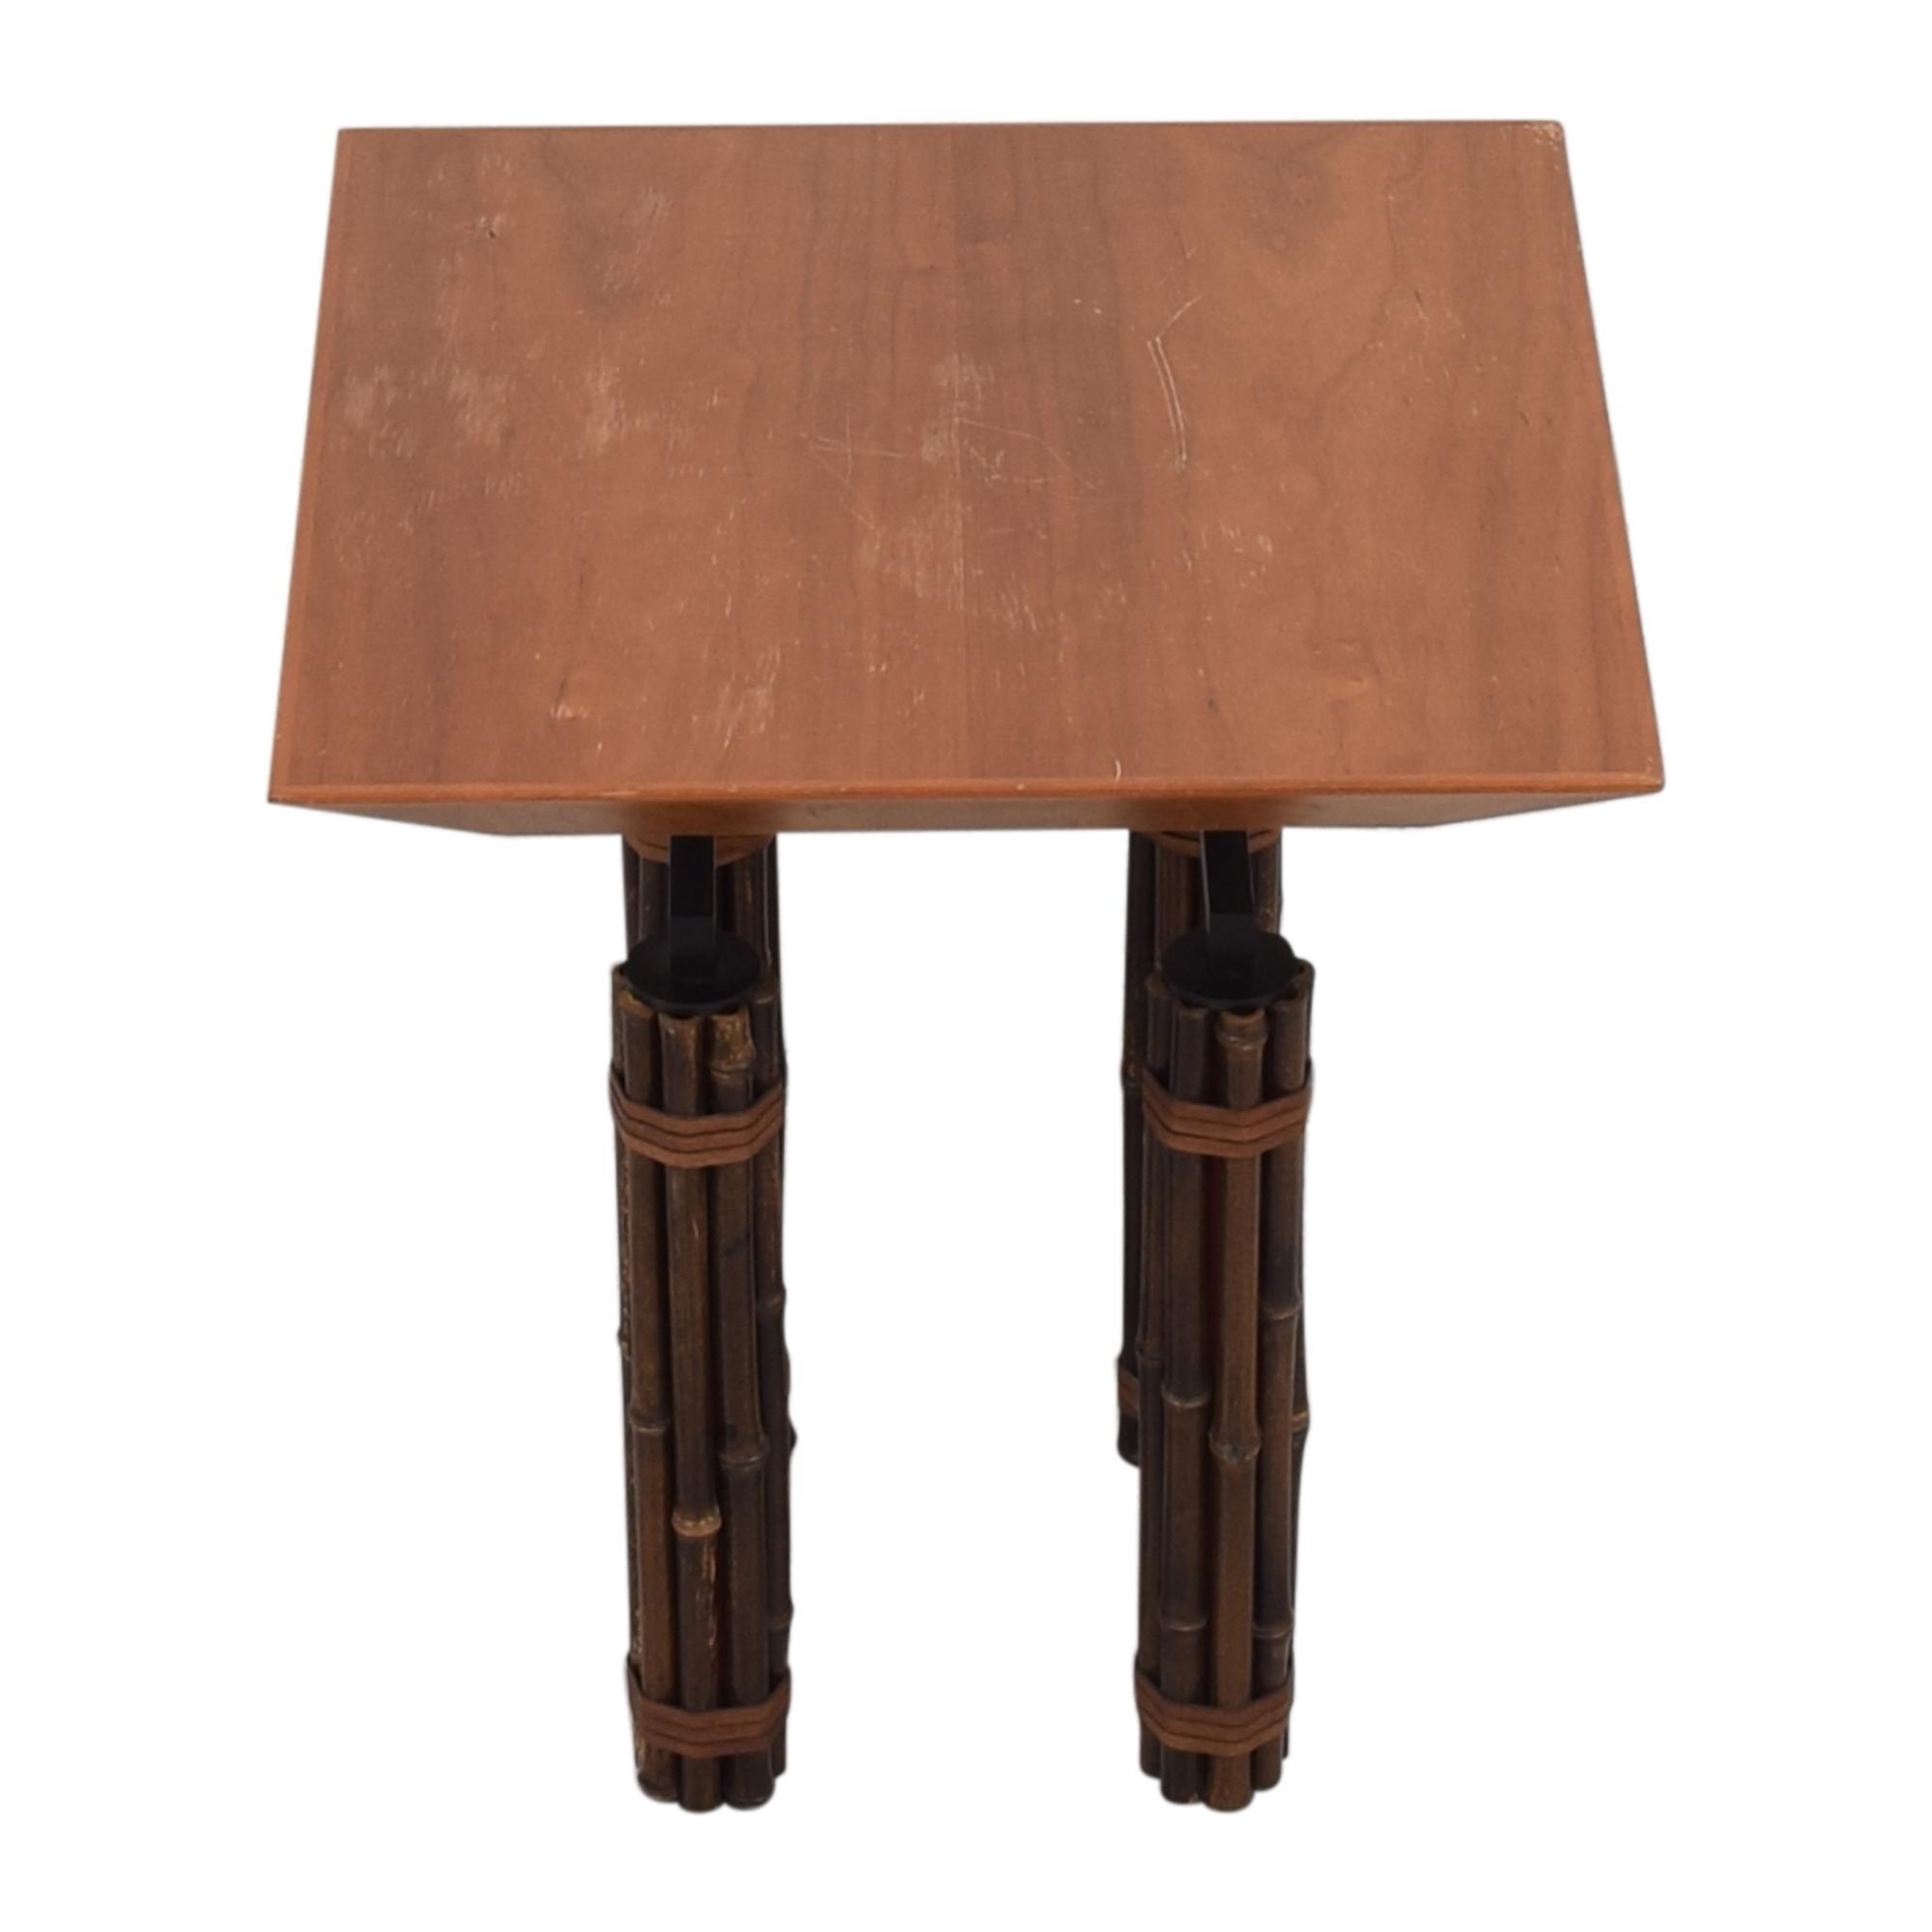 McGuire McGuire Huxley Martini Side Table used